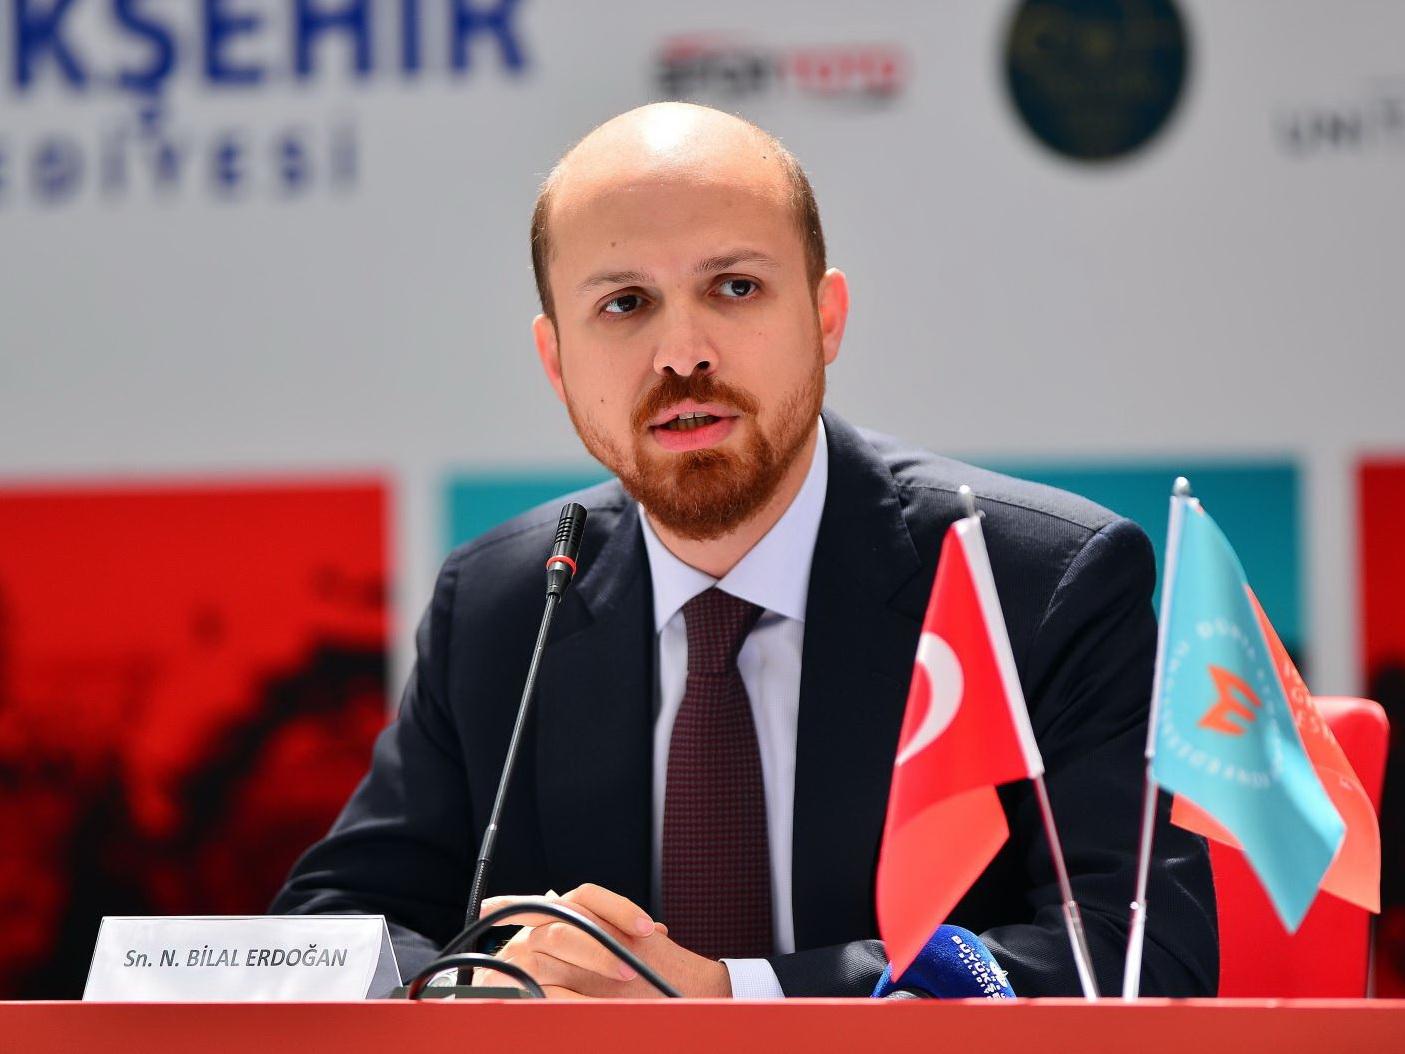 Билал Эрдоган: Азербайджан внес большой вклад в стабильность и развитие в мире